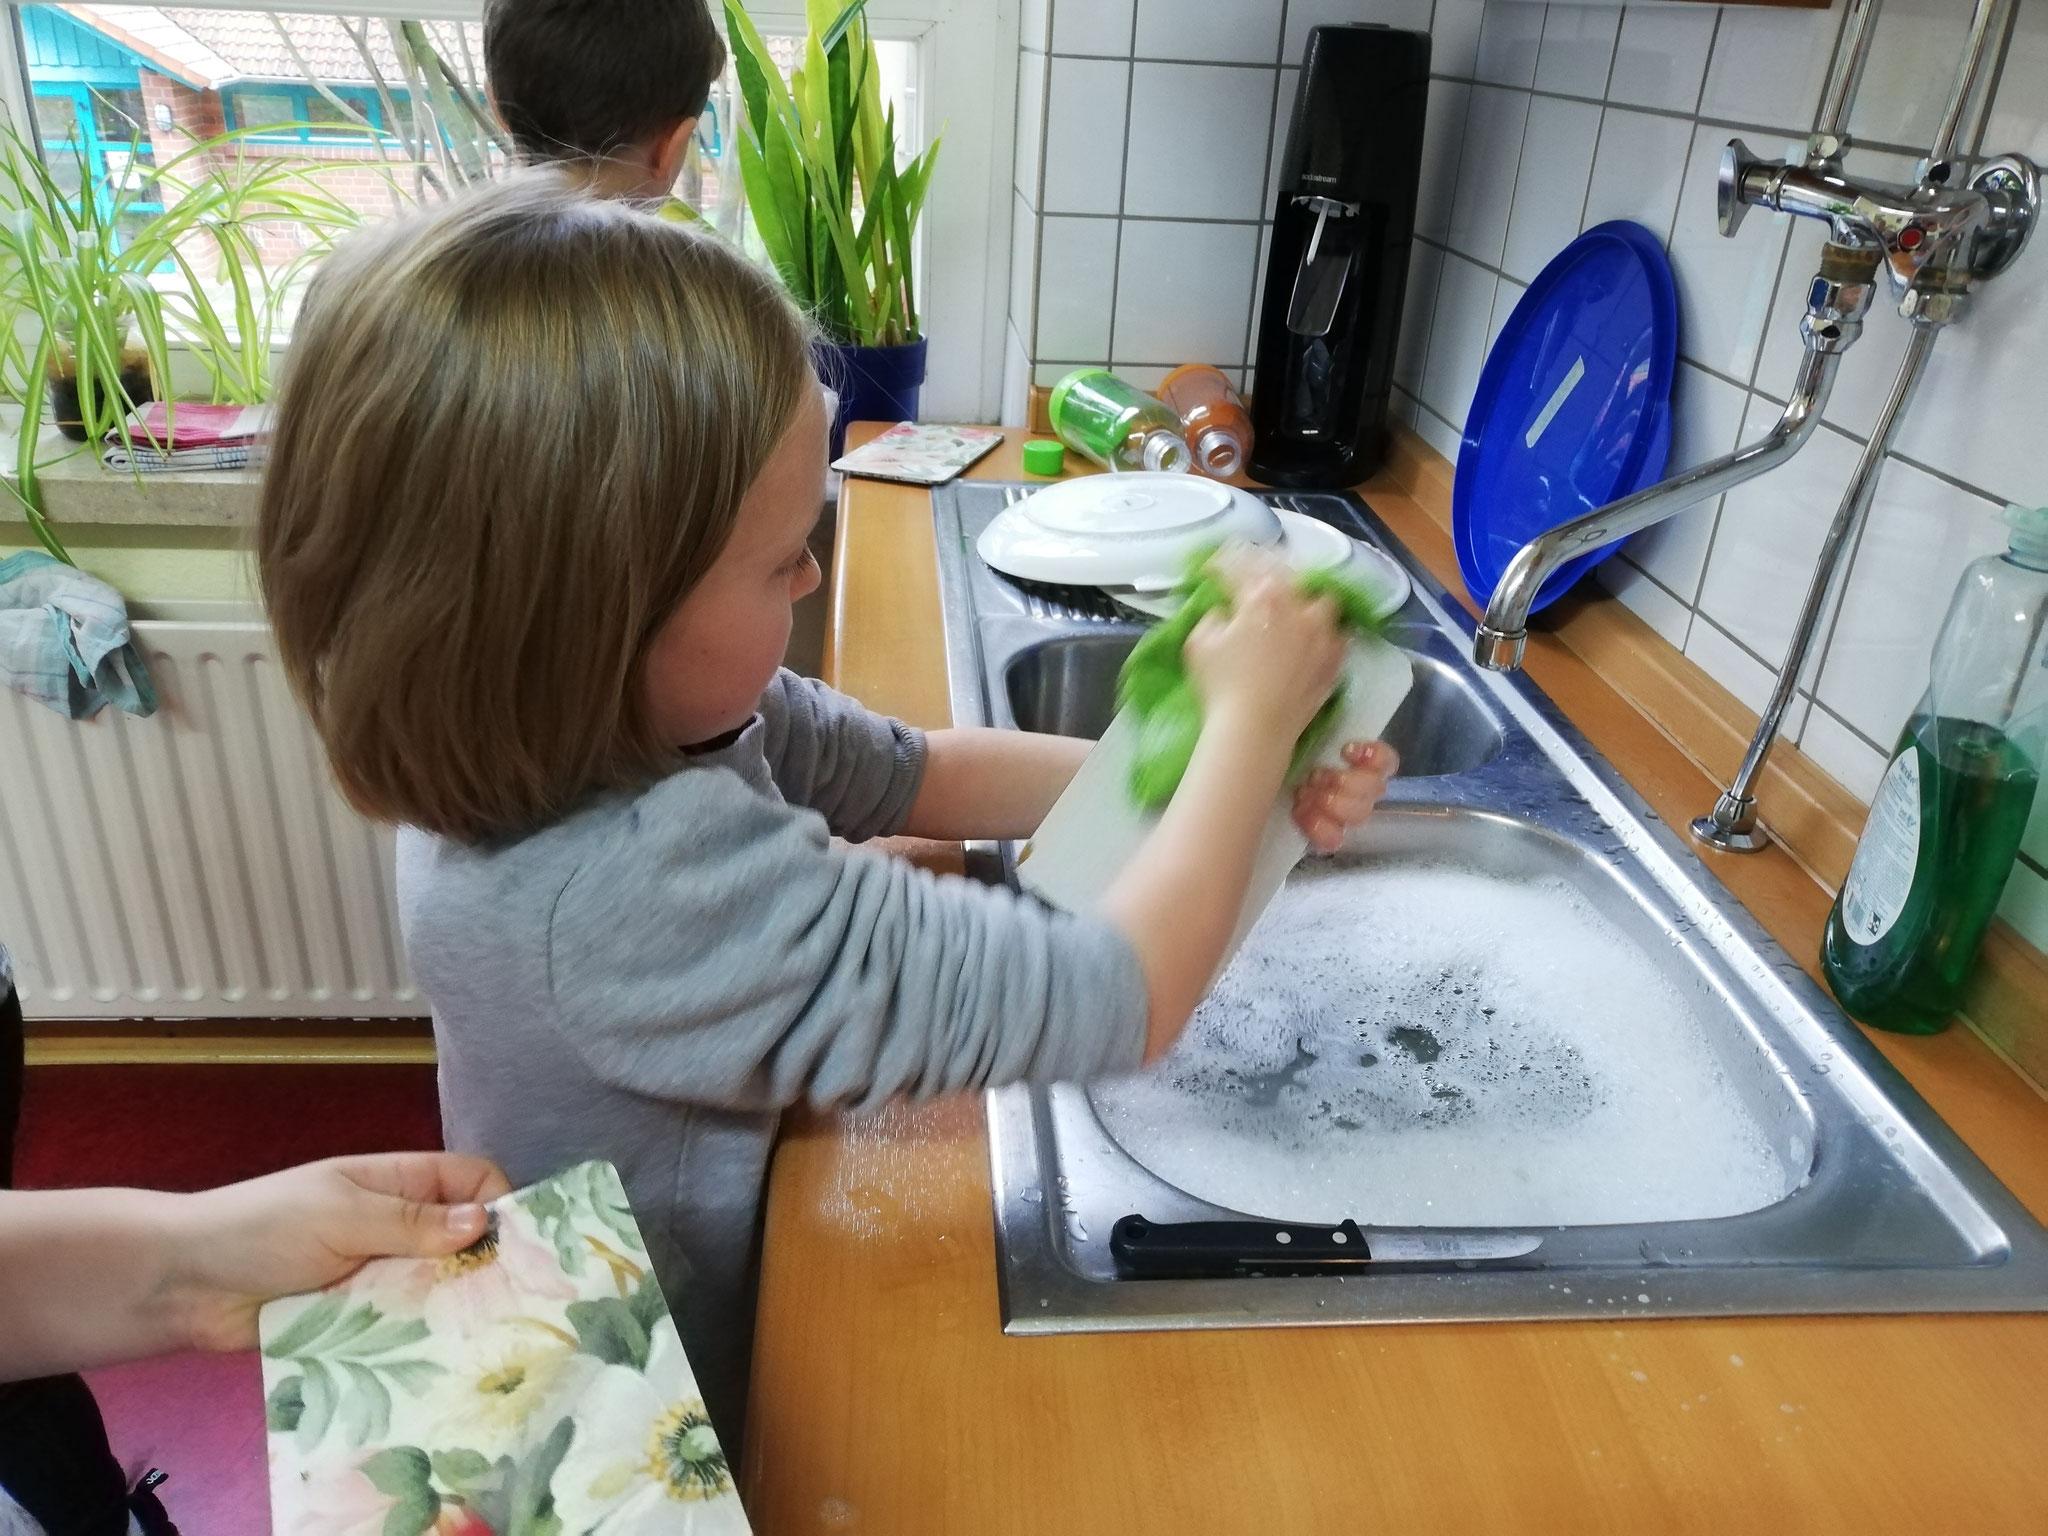 Zum Schluss muss natürlich auch der Abwasch erledigt werden!